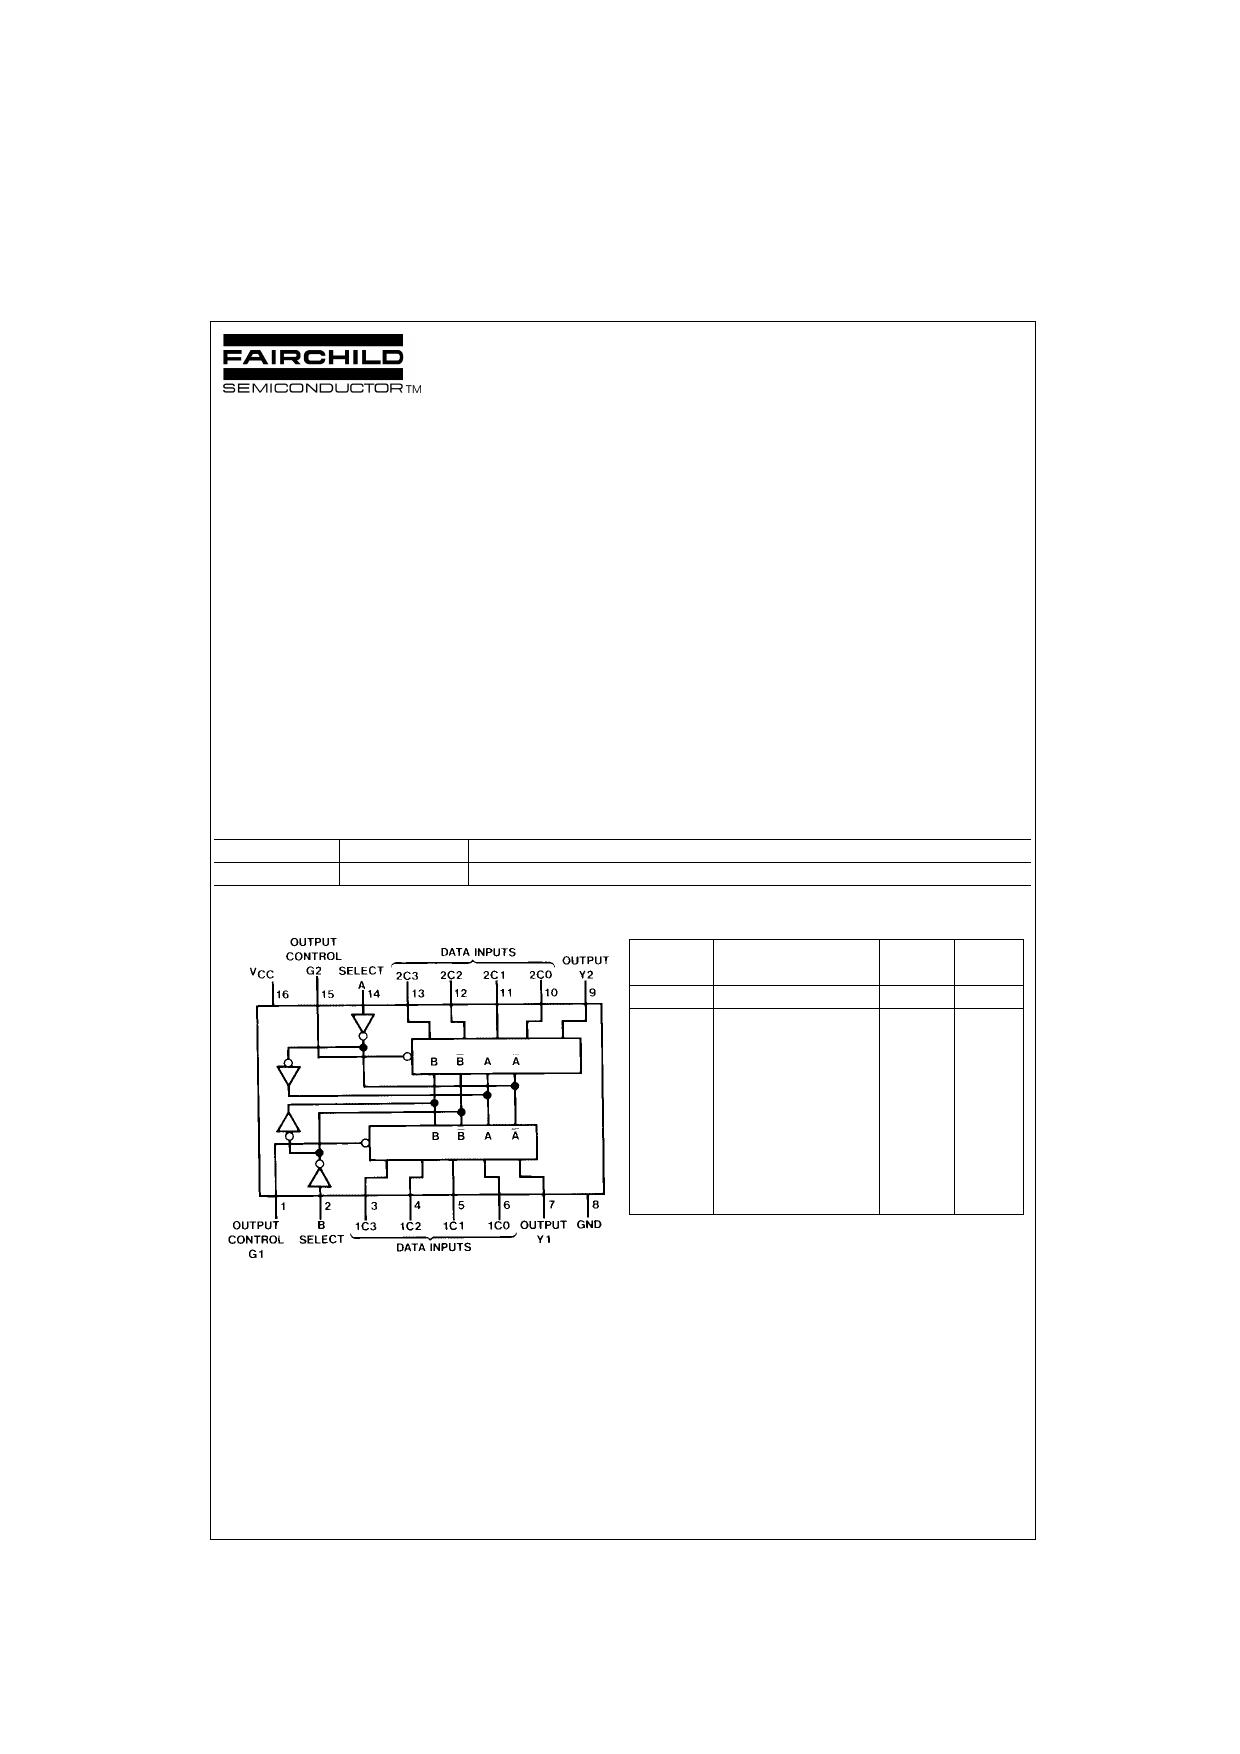 74S253 데이터시트 및 74S253 PDF